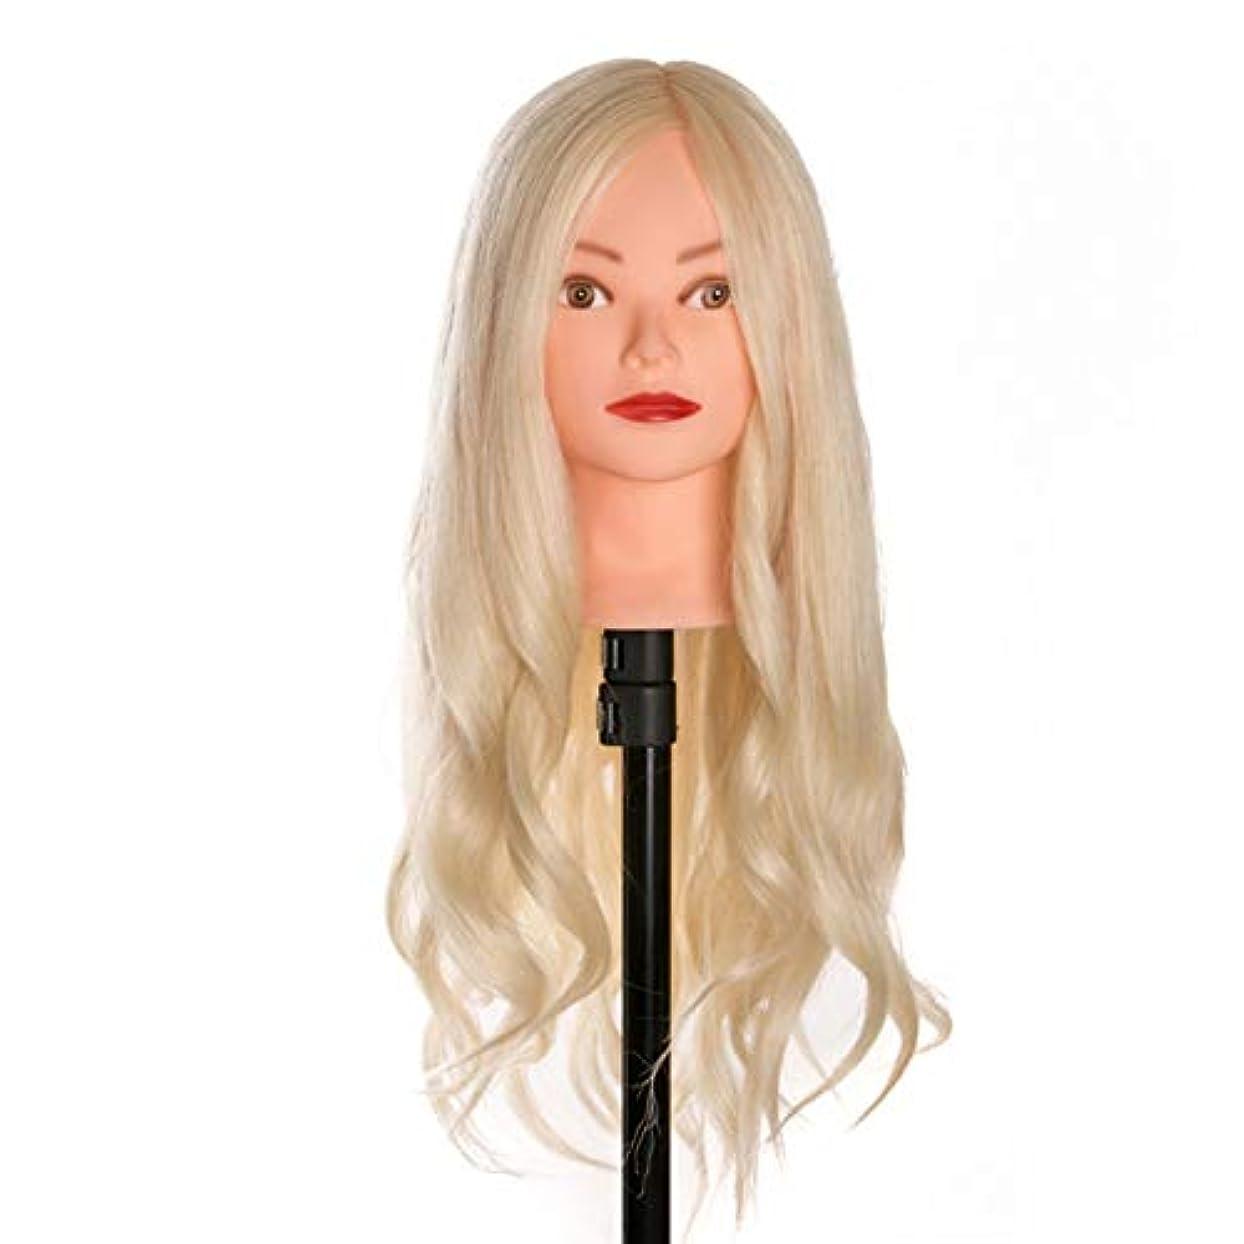 六きょうだいどんなときもヘアカットトレーニングかつらメイクディスクヘアスタイリング編組ティーチングダミーヘッド理髪サロンエクササイズヘッド金型3個